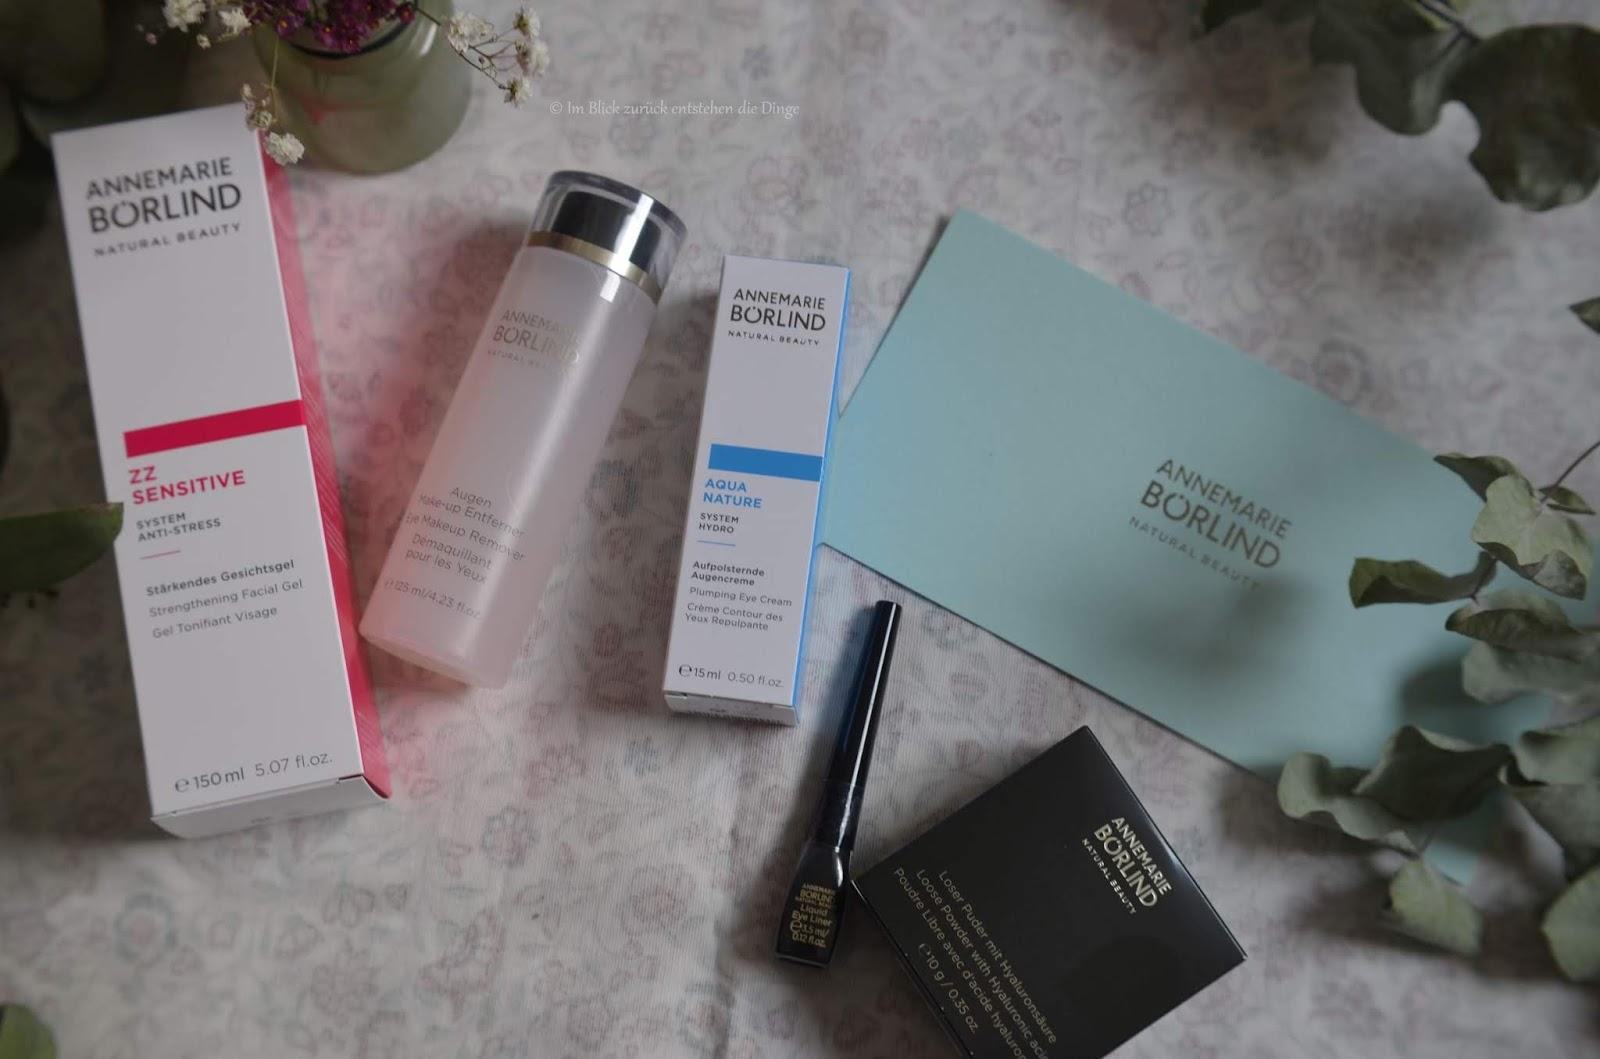 Außergewöhnlich Im Blick zurück entstehen die Dinge: Beautyprodukte von Annemarie &YQ_51